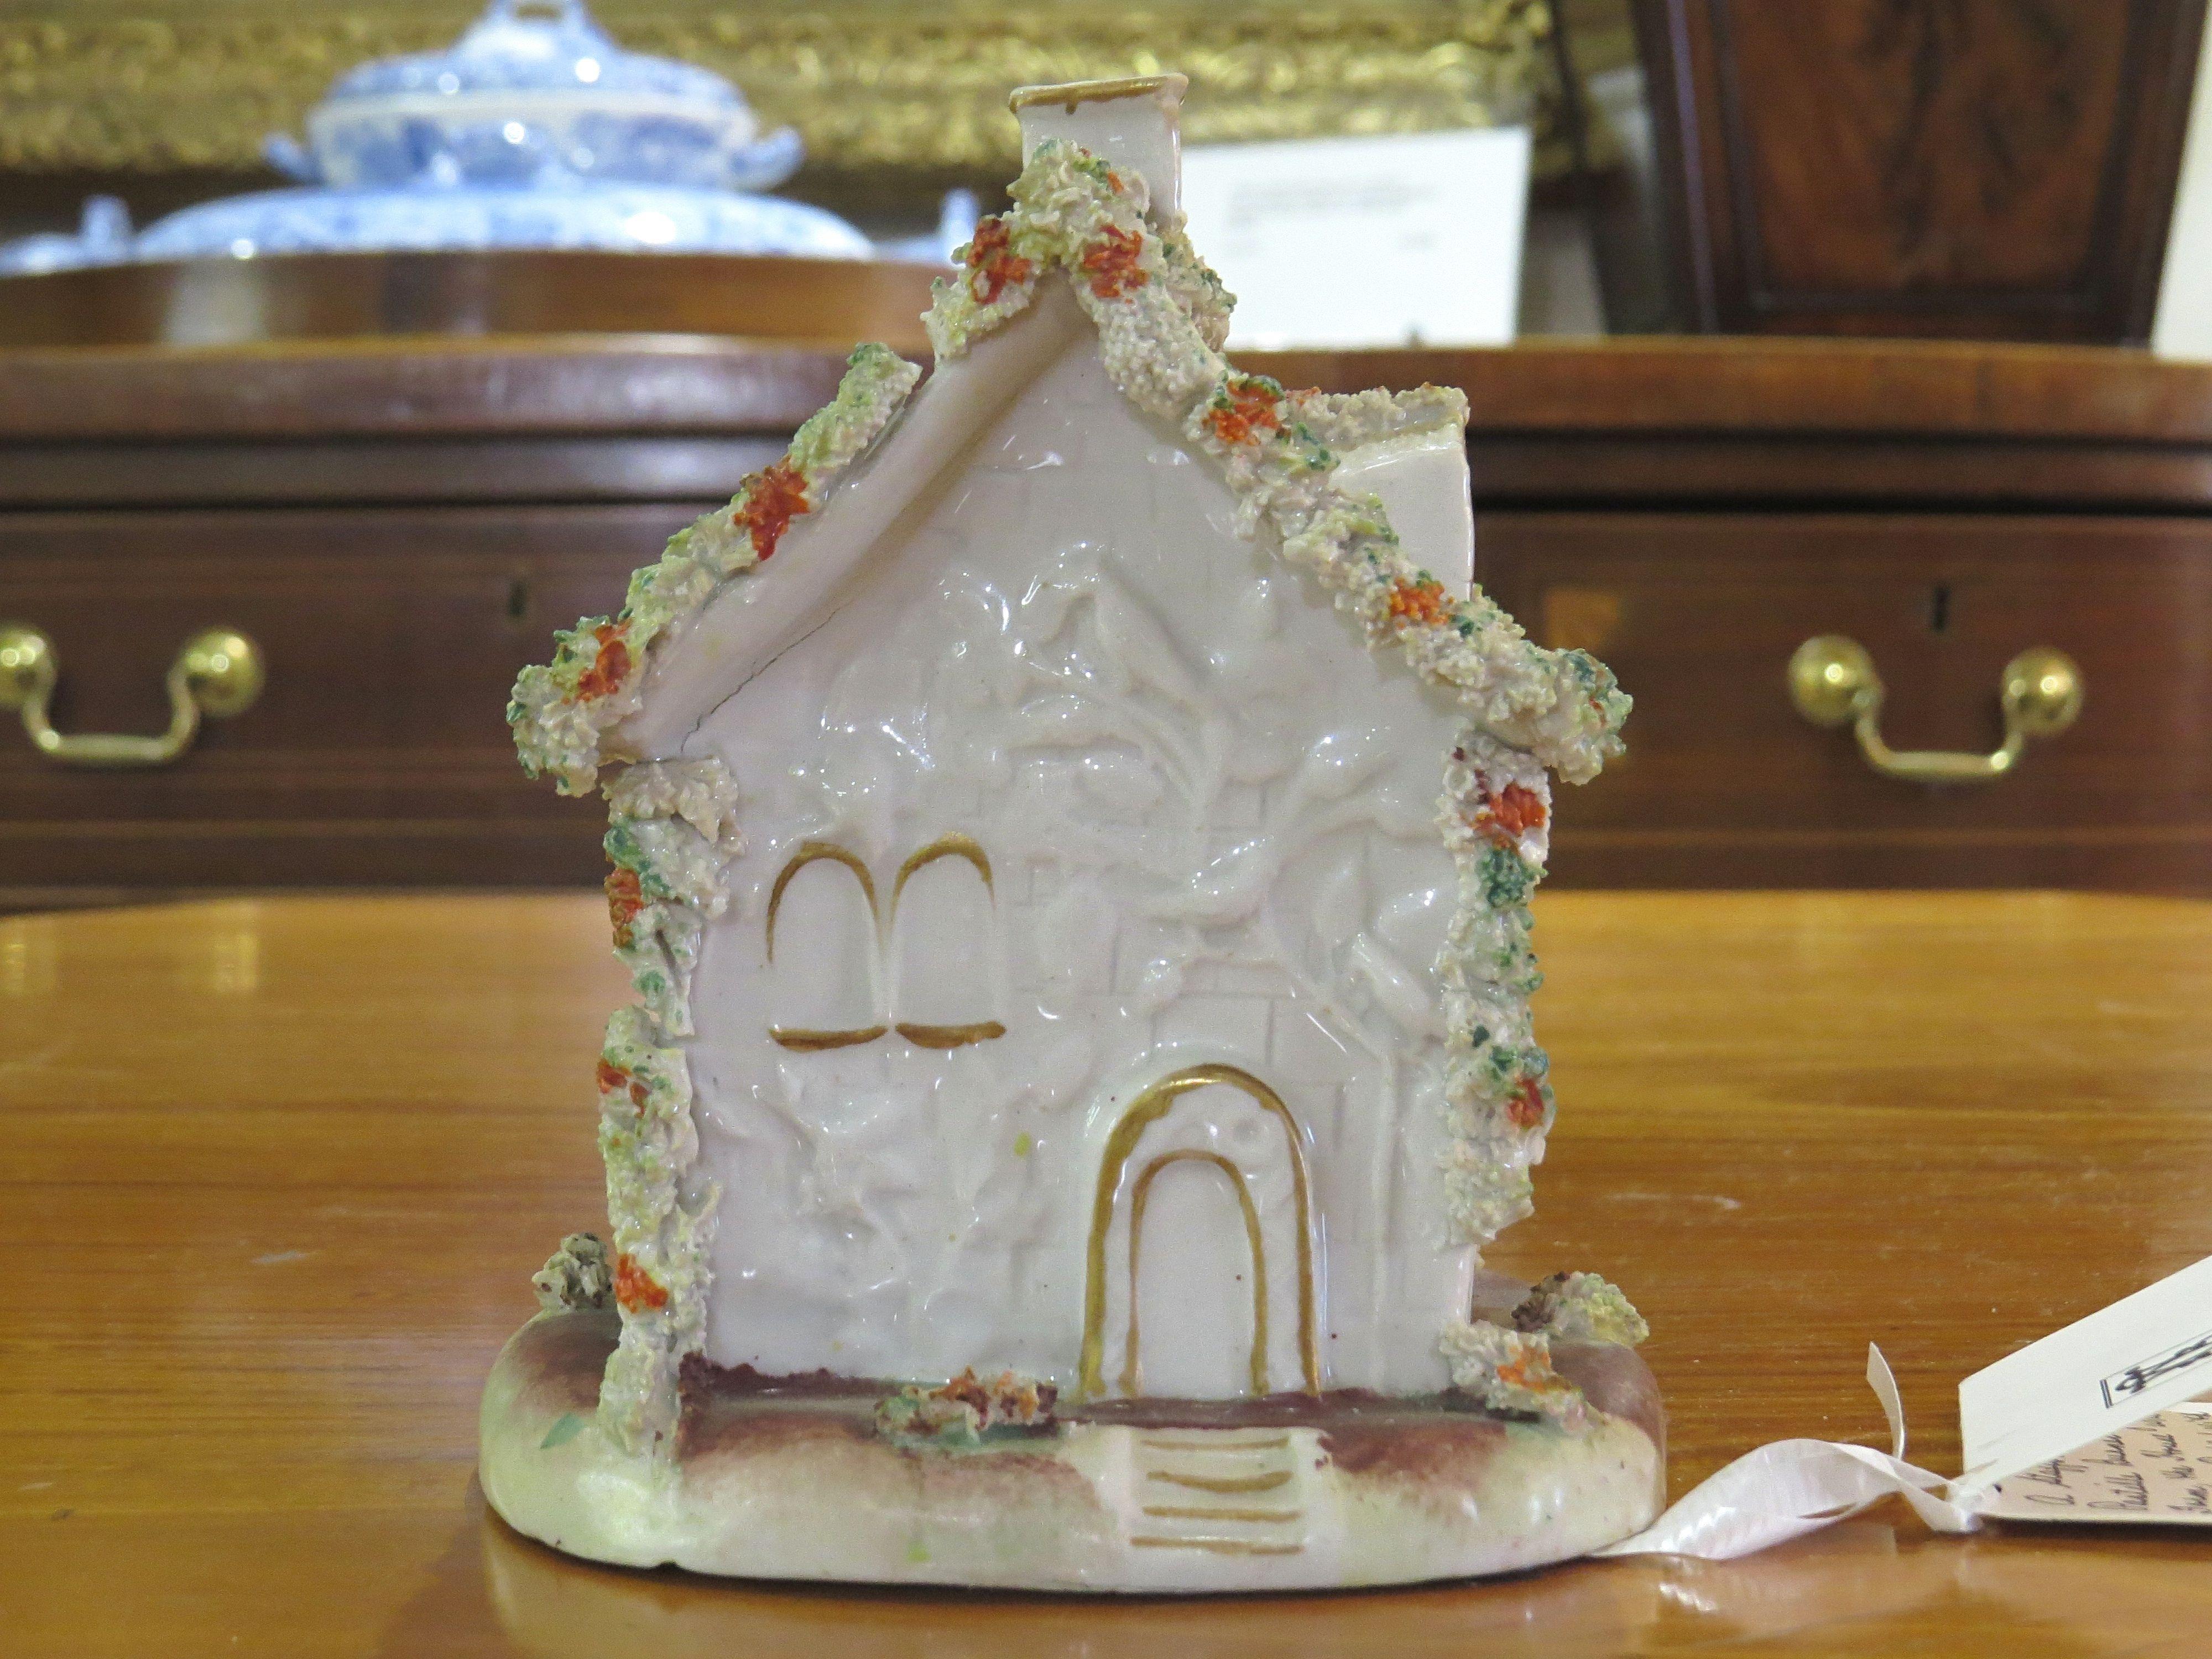 Staffordshire Pastille Burner of House Form